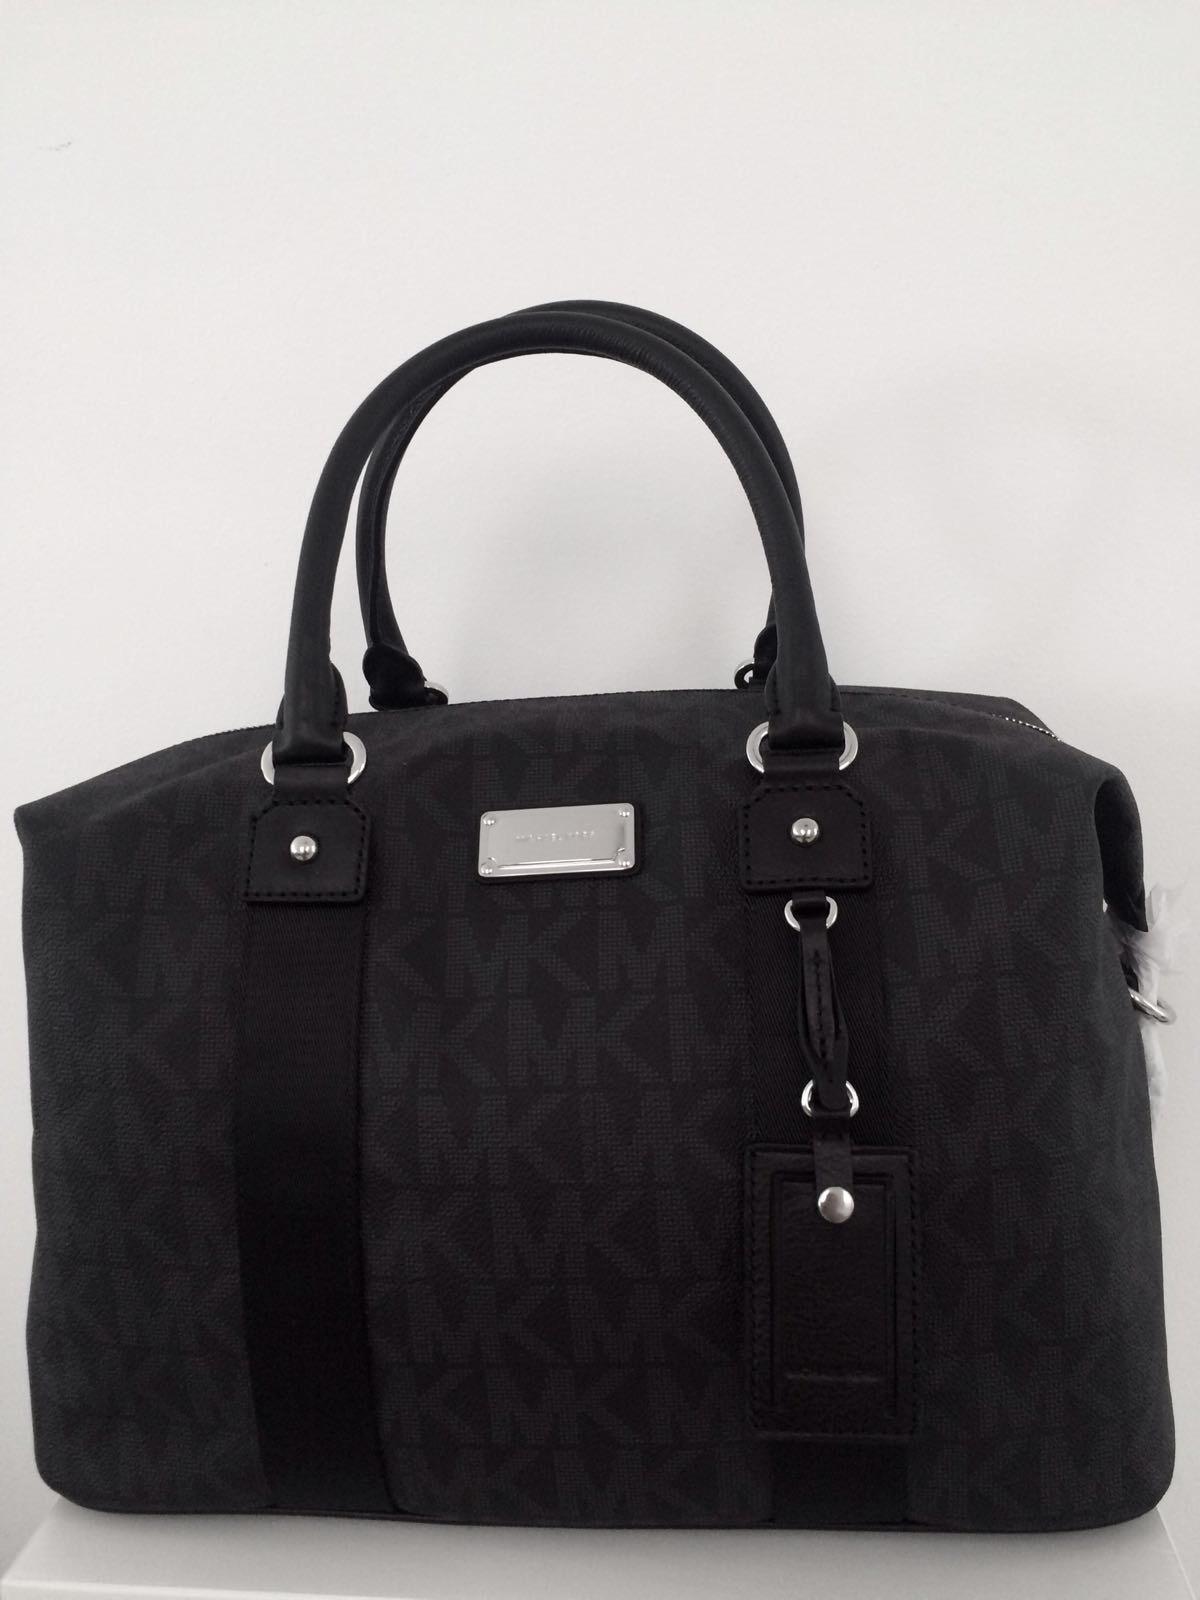 ff9cdff72 Luxusná michael kors cestovná taška, originál, - 209 € od predávajúcej  elegancy | Detský bazár | ModryKonik.sk